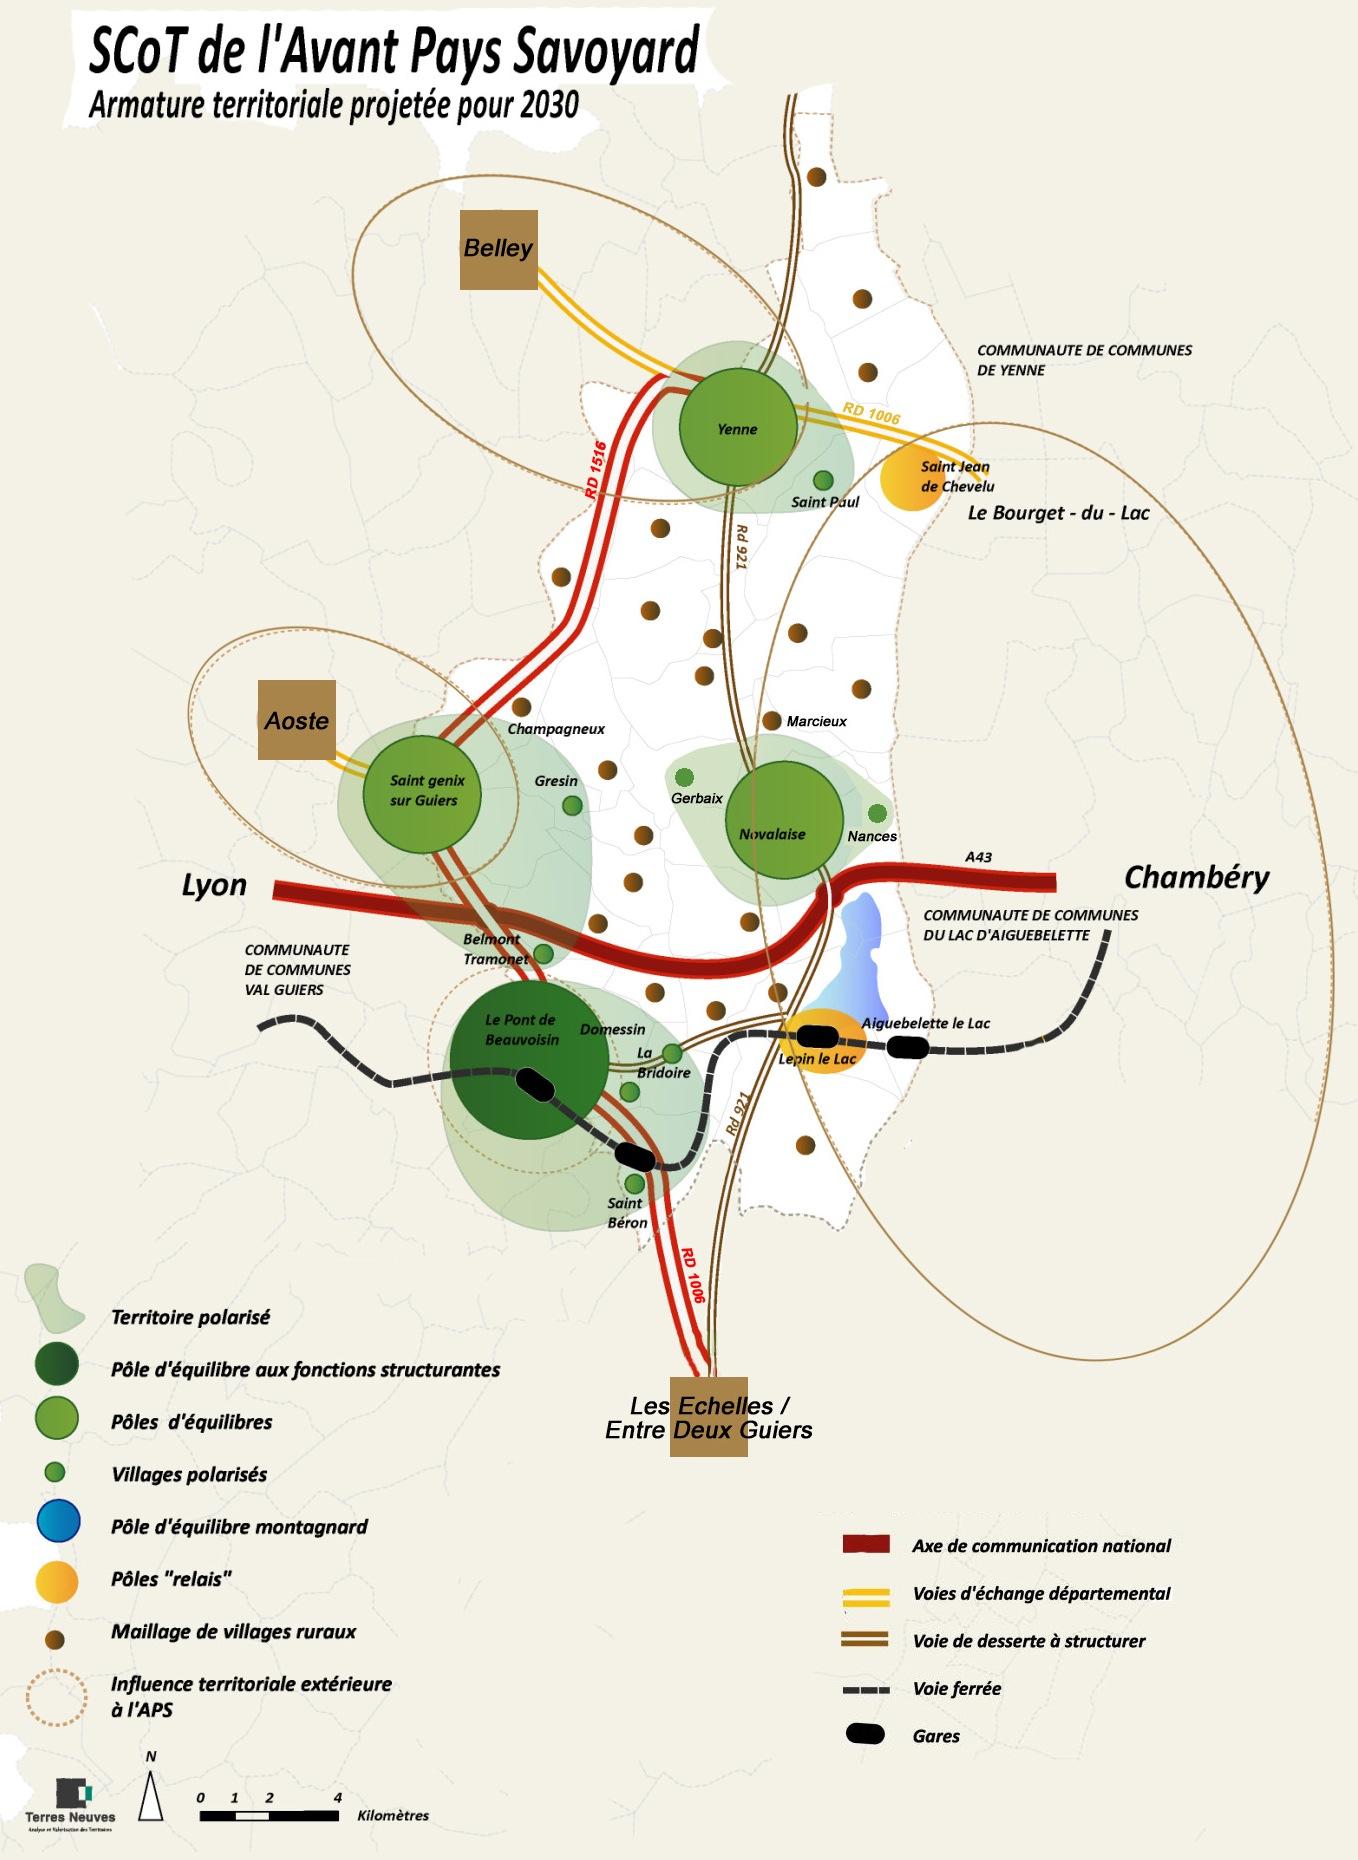 SCOT, schéma de cohérence territoriale, Avressieux, Avant-pays savoyard